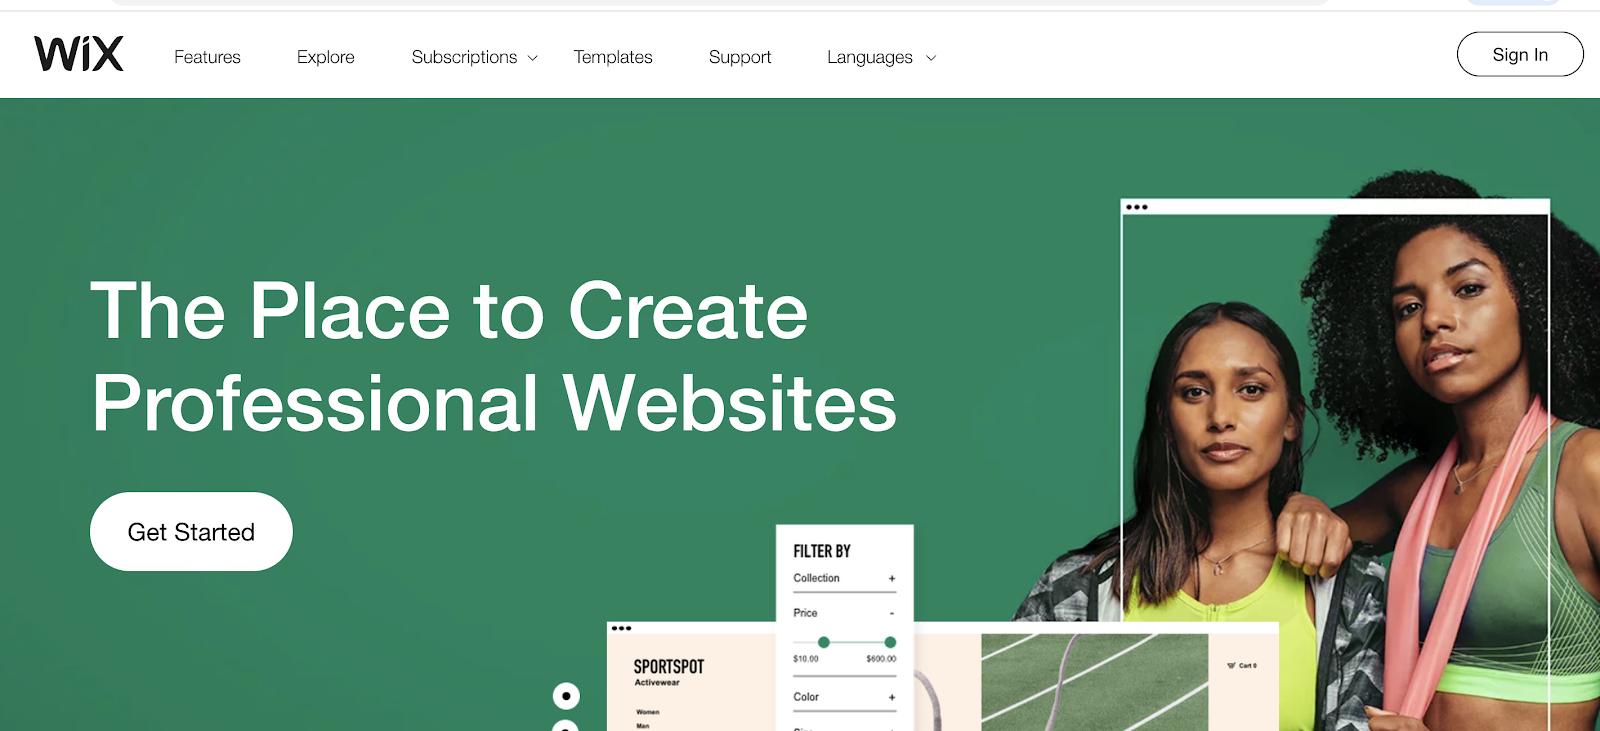 Wix como un sitio de blogs gratuito para comenzar con un presupuesto ajustado